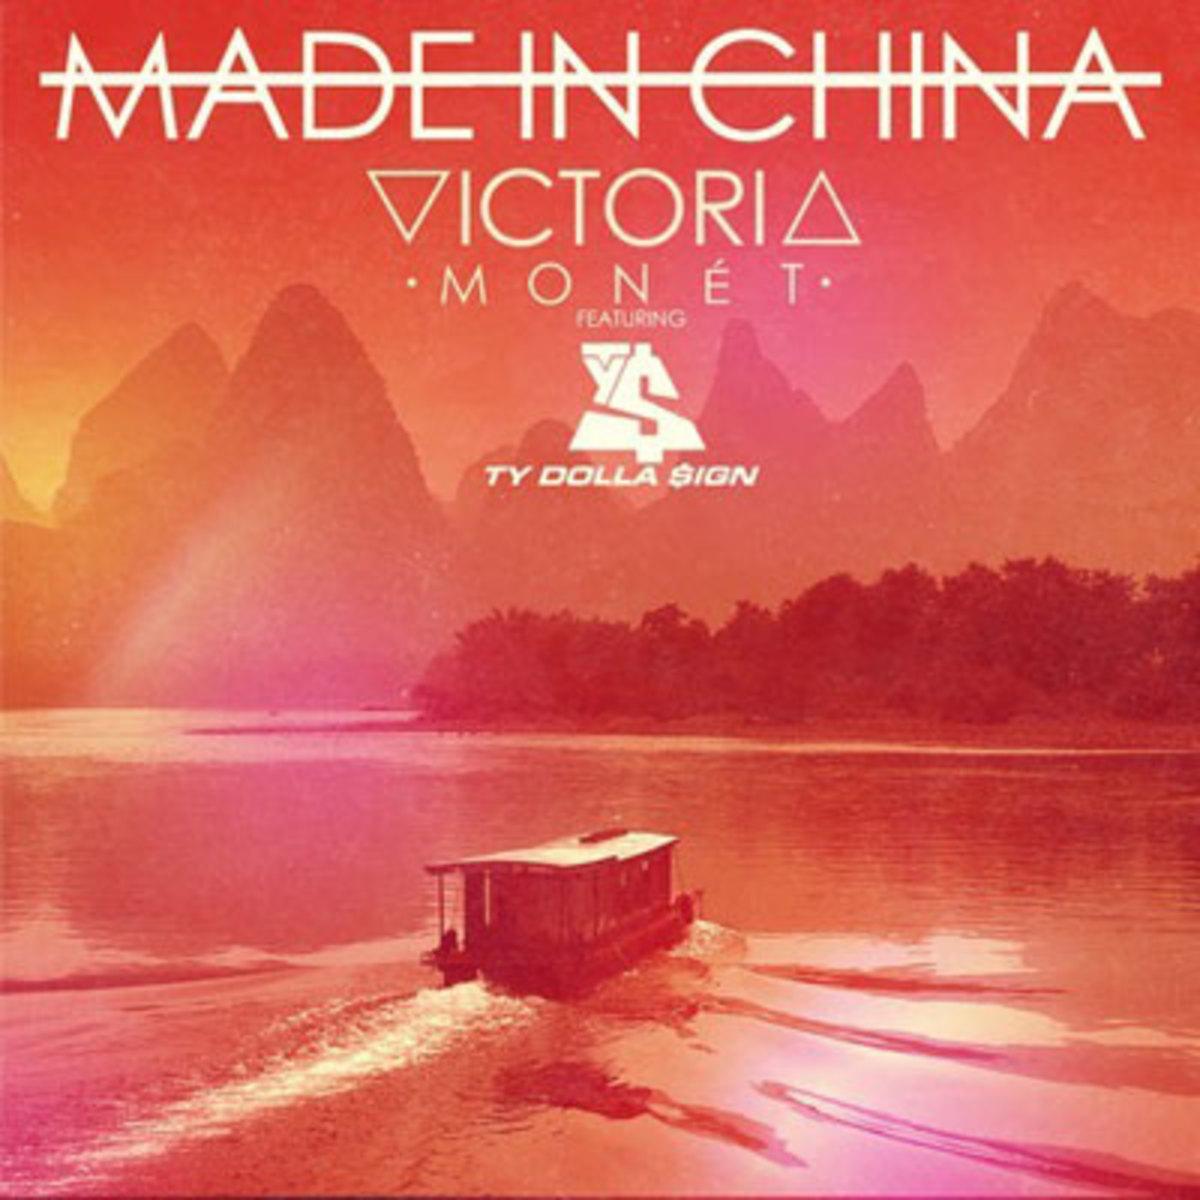 victoriamonet-madeinchina.jpg